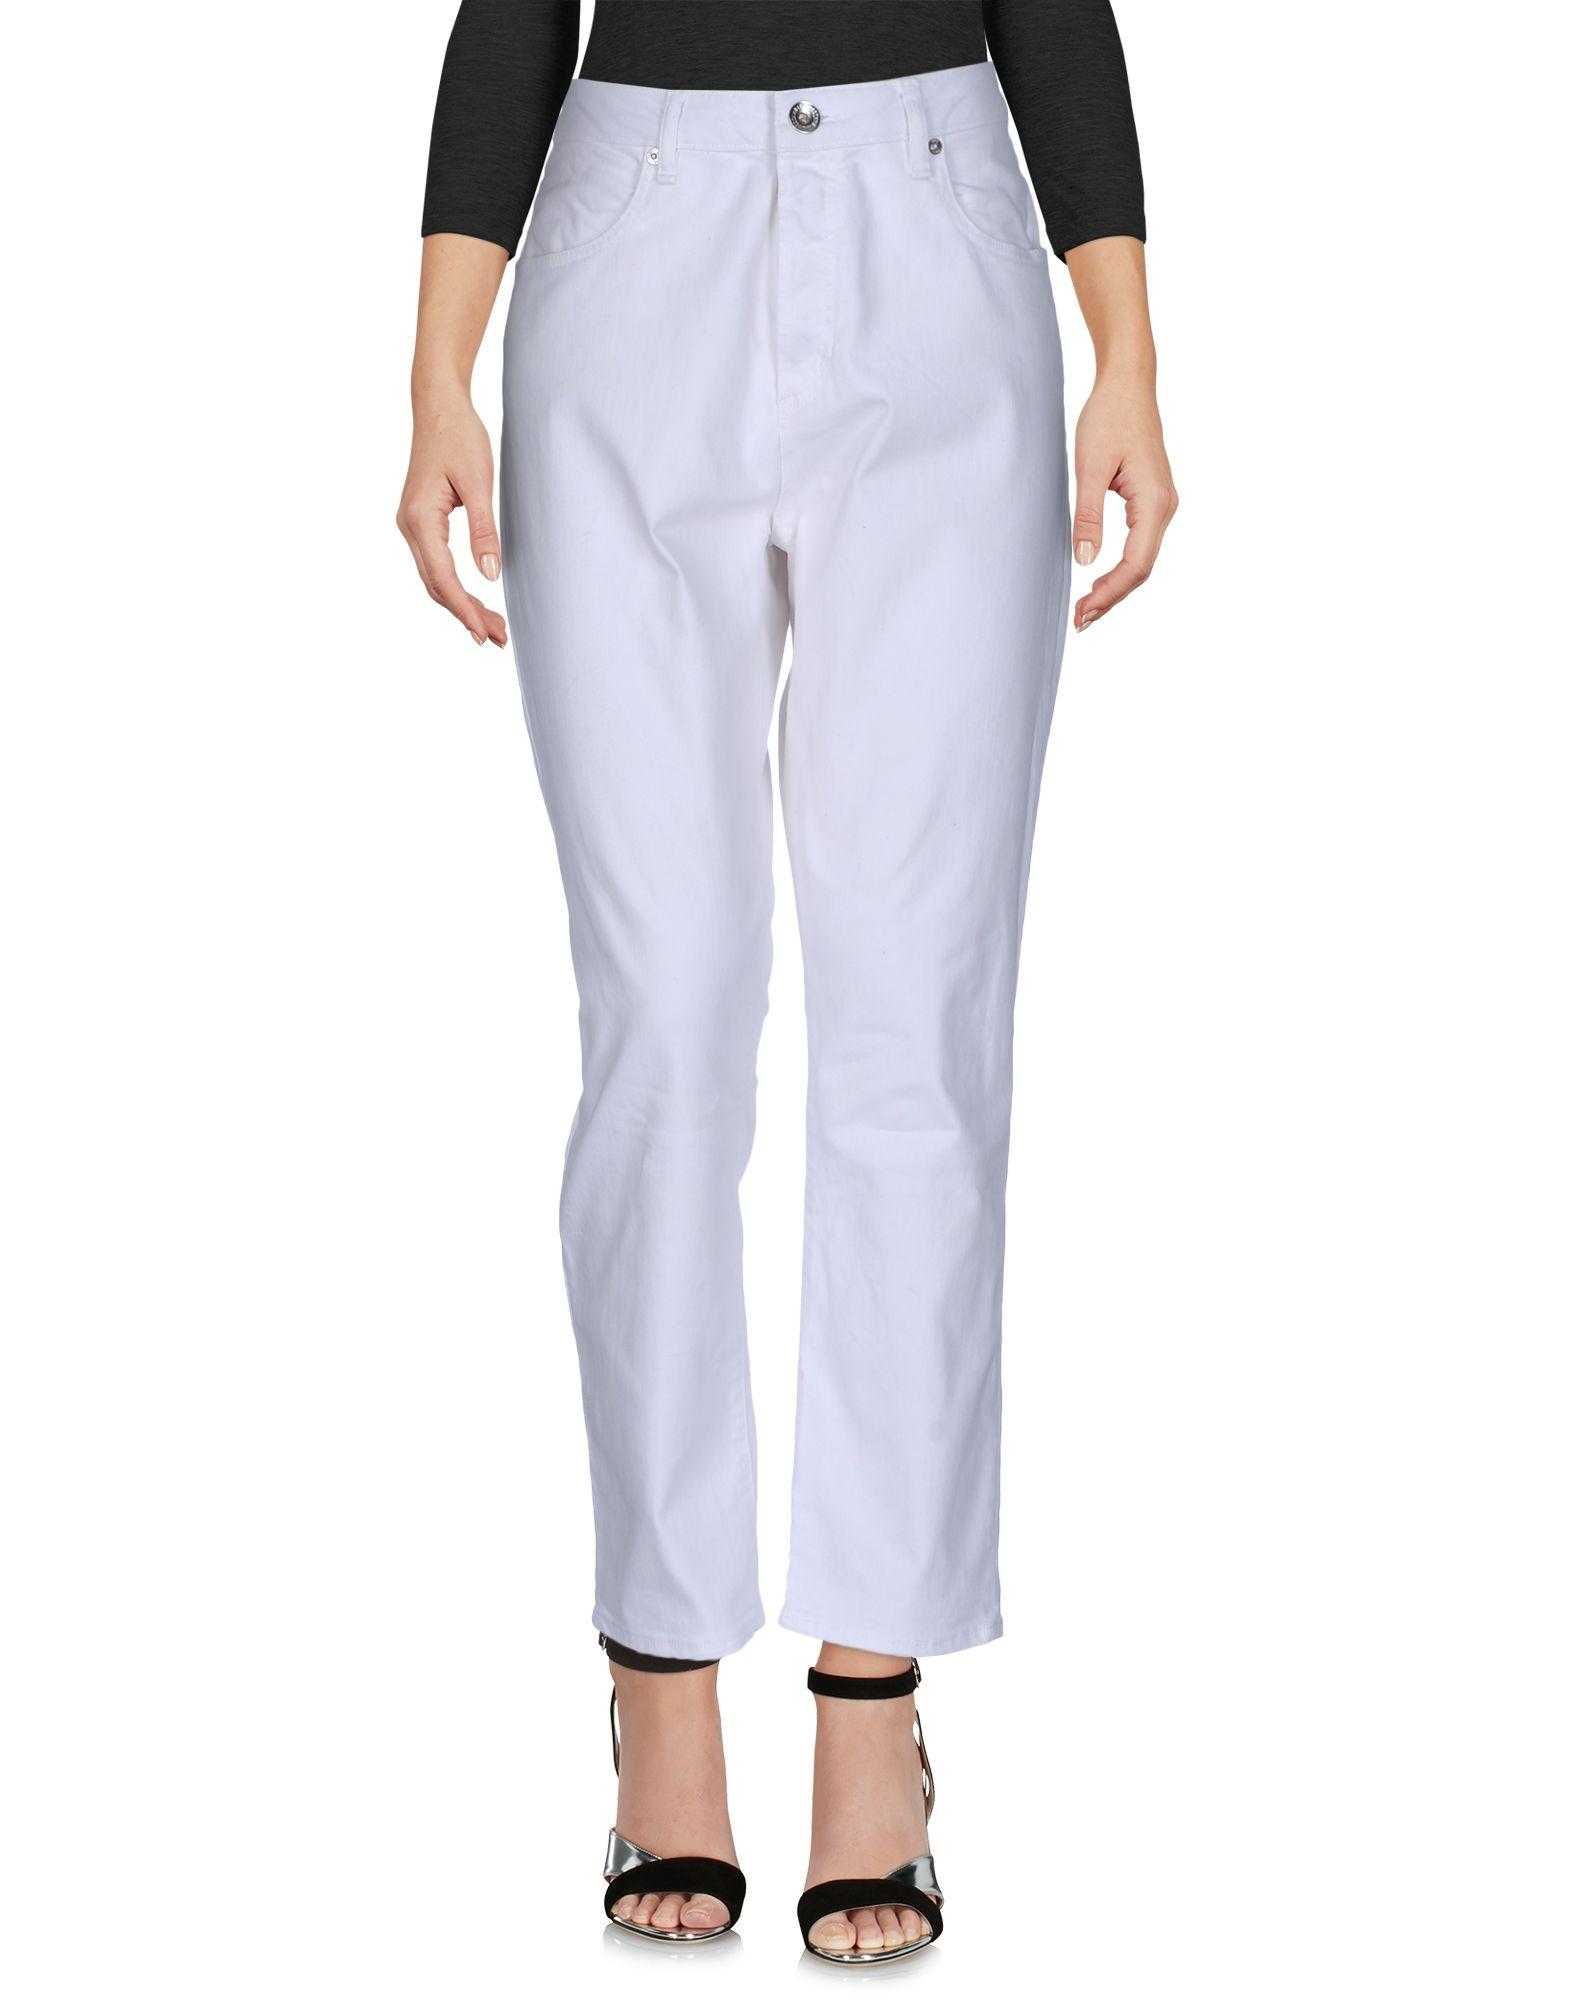 LOVE MOSCHINO Damen Jeanshose Farbe Weiß Größe 4